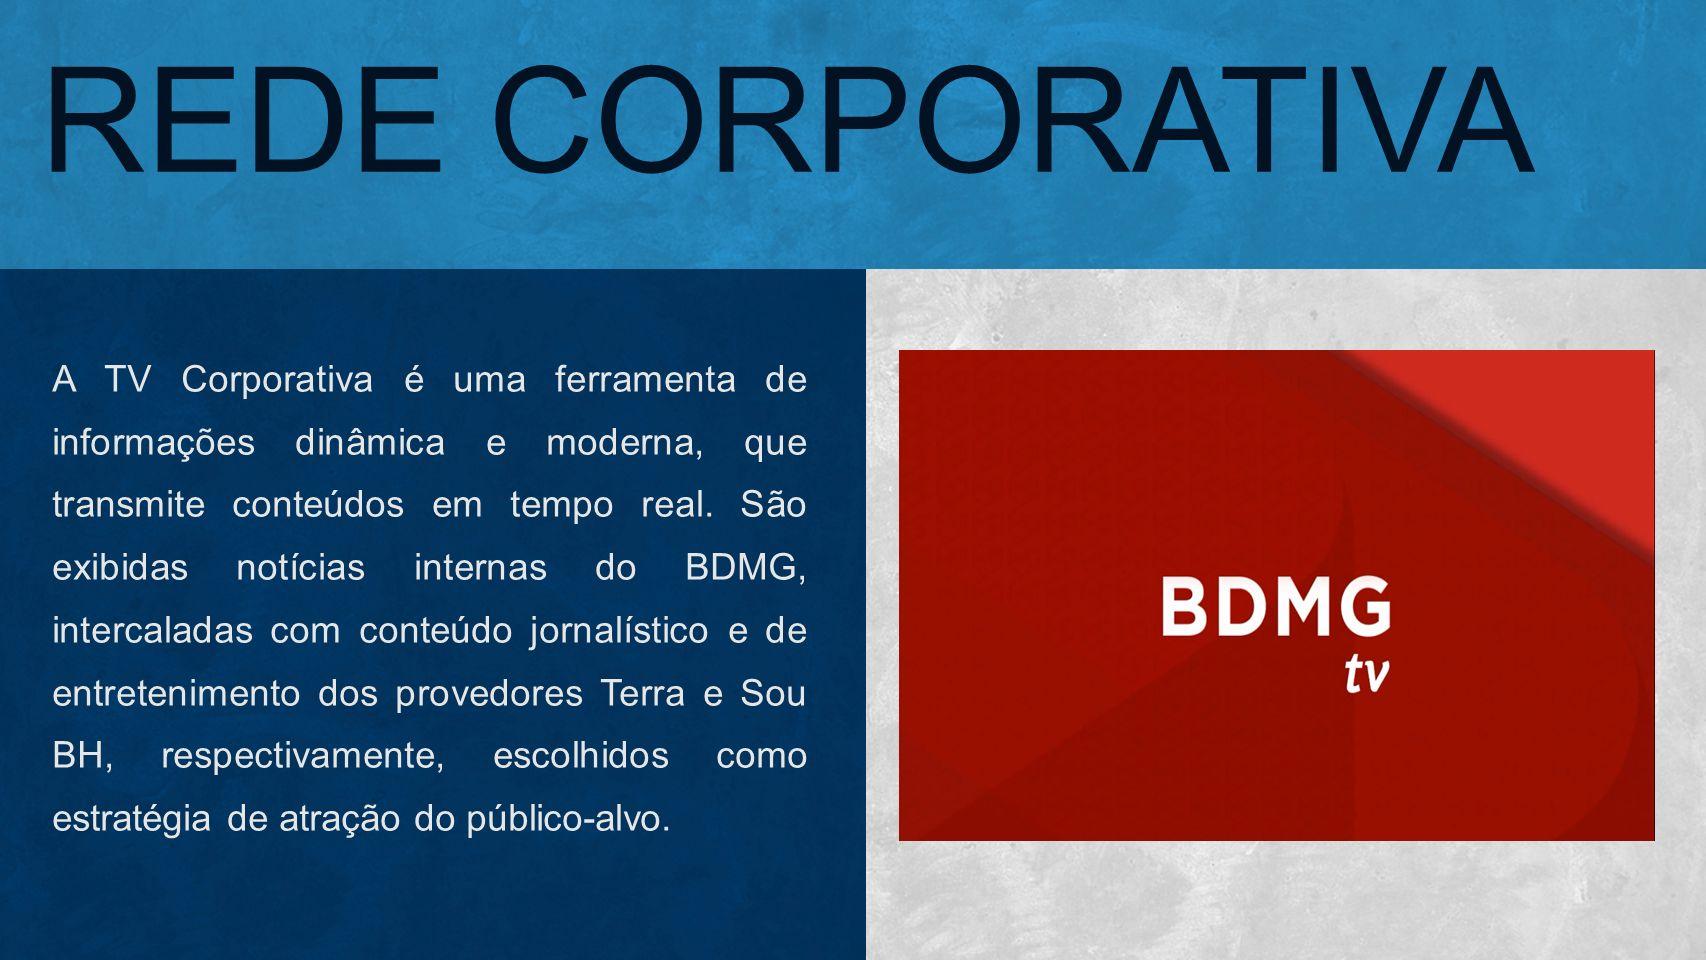 REDE CORPORATIVA A TV Corporativa é uma ferramenta de informações dinâmica e moderna, que transmite conteúdos em tempo real. São exibidas notícias int